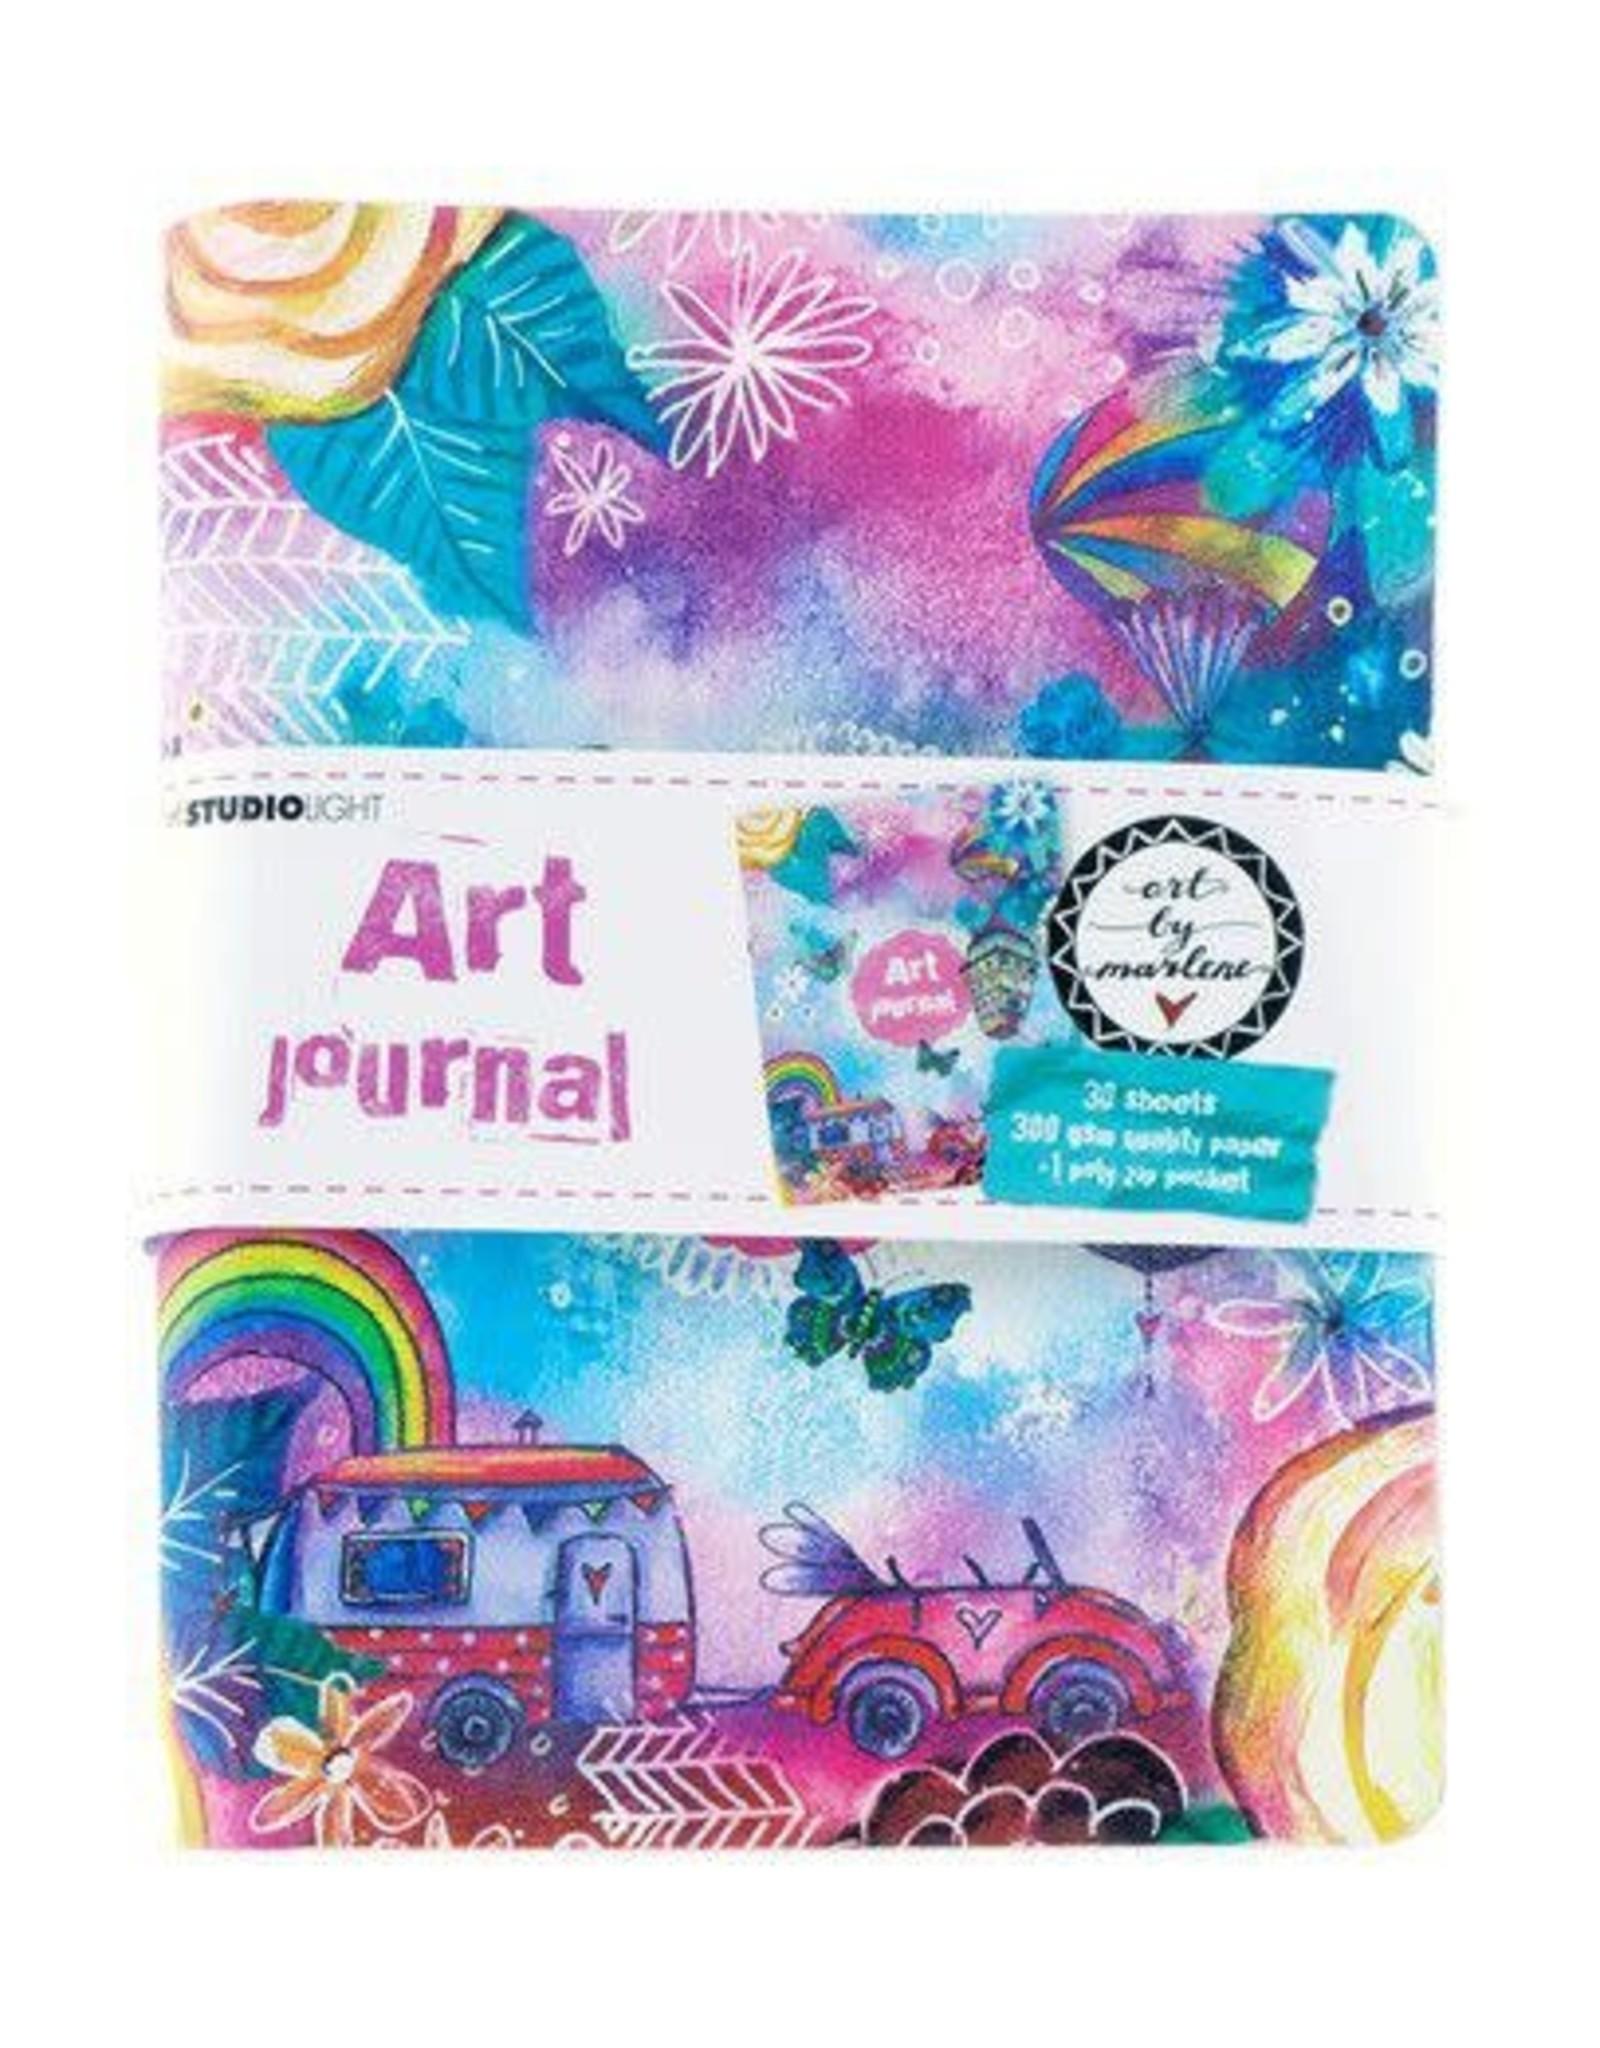 Studio Light Studio Light Ringbinder Art Journal Art By Marlene 5.0 nr.09 JOURNALBM09